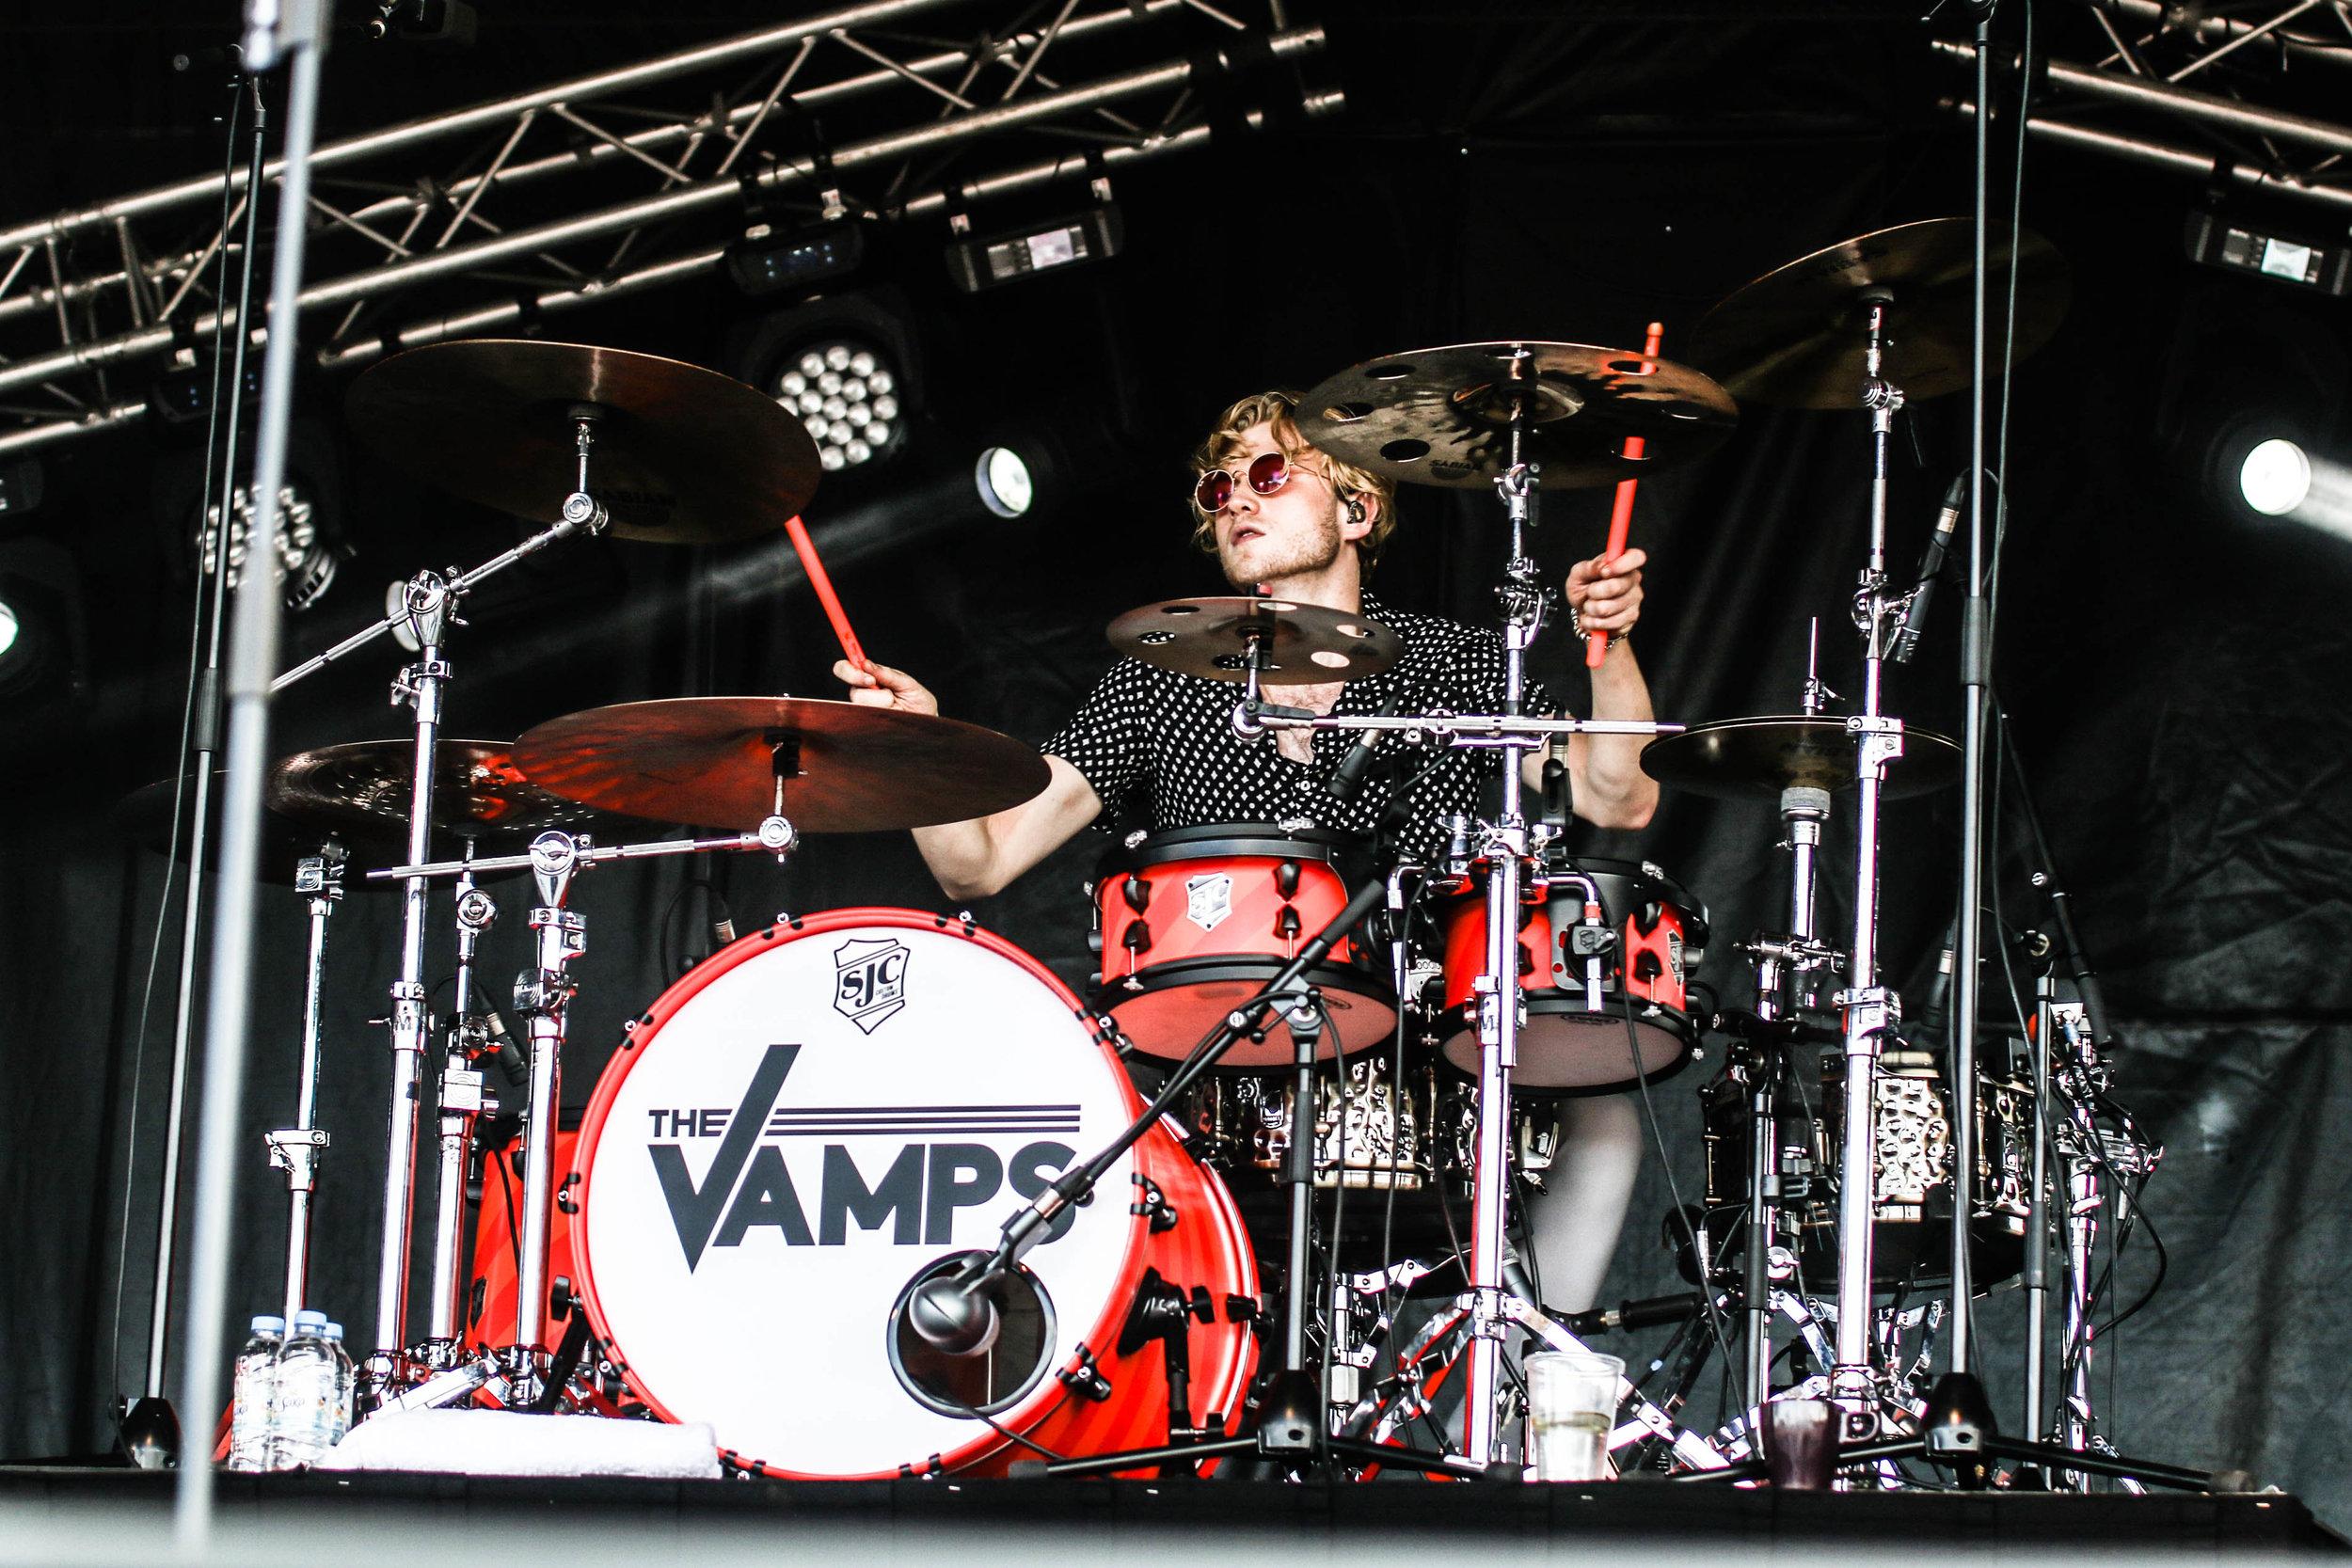 The Vamps - Bents Park - 15.07.18 - South Tyneside Festival-1.jpg